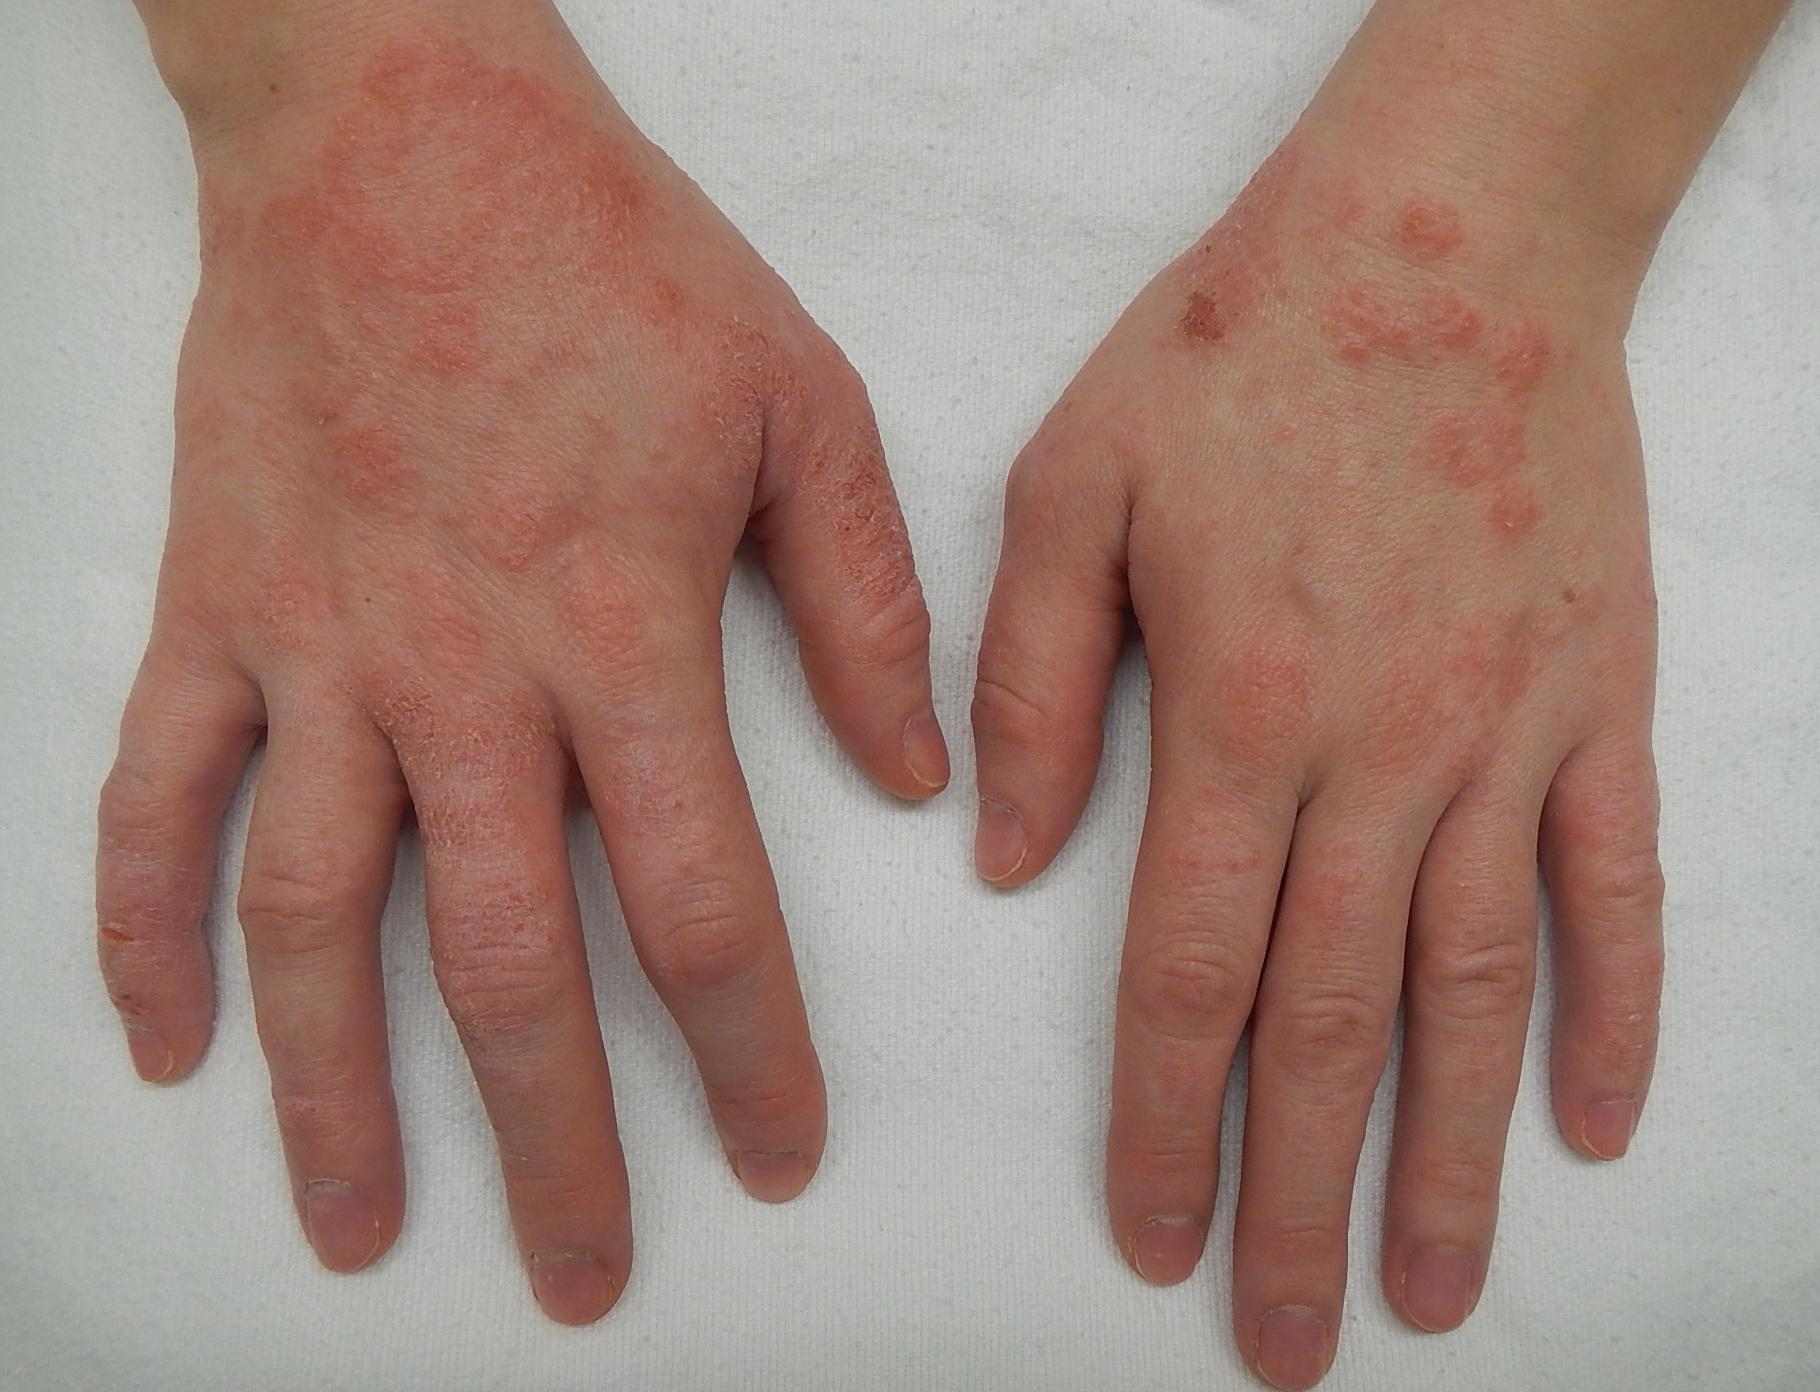 vörös foltok a testen viszketnek, hogy a kezek duzzadnak Vörös foltok vannak a testemen, és viszket, mit kell kezelni